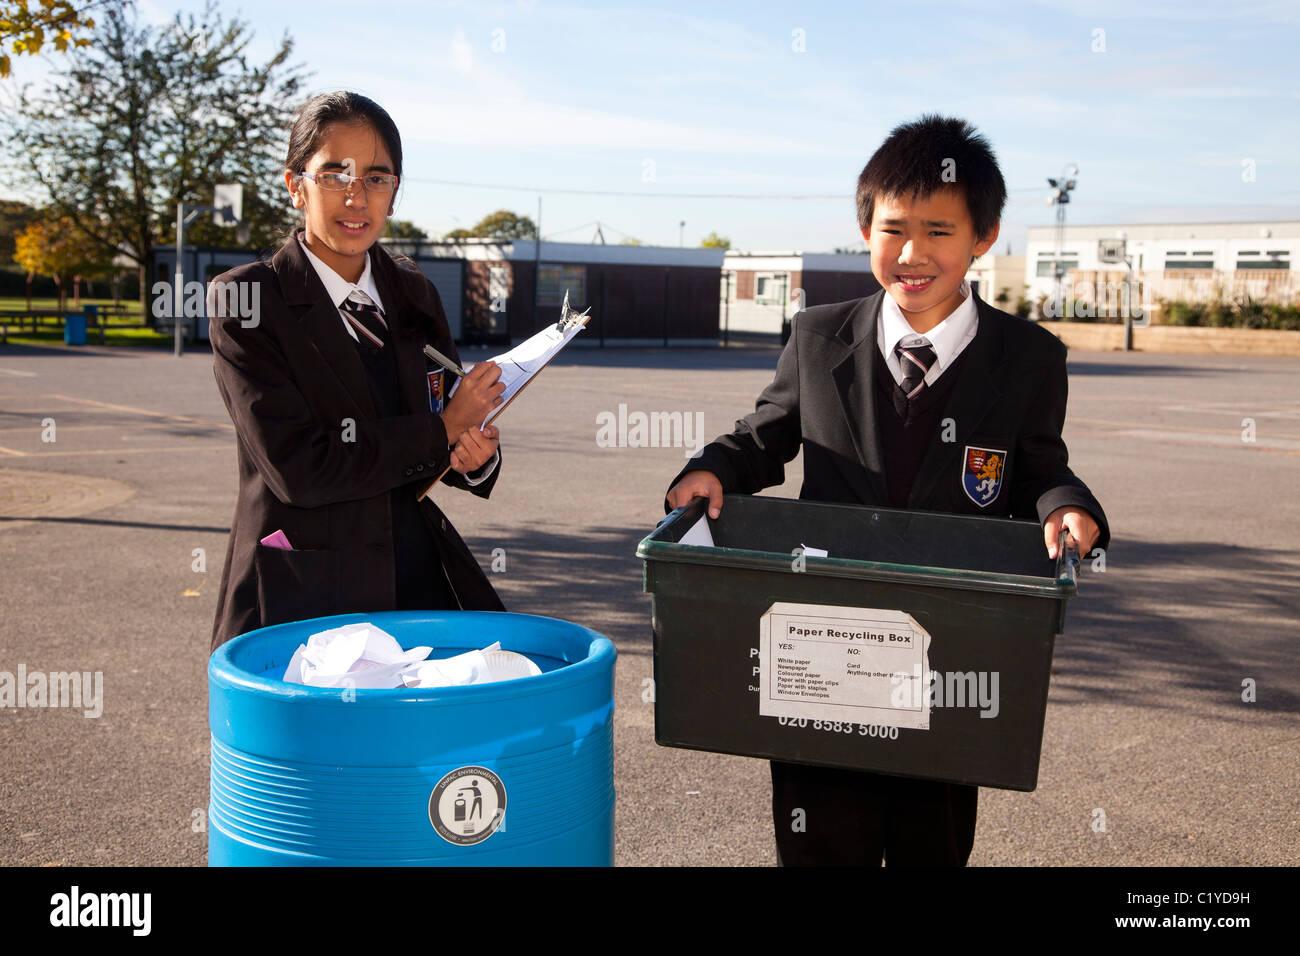 Los escolares los niños 'escuela' papel reciclado Imagen De Stock